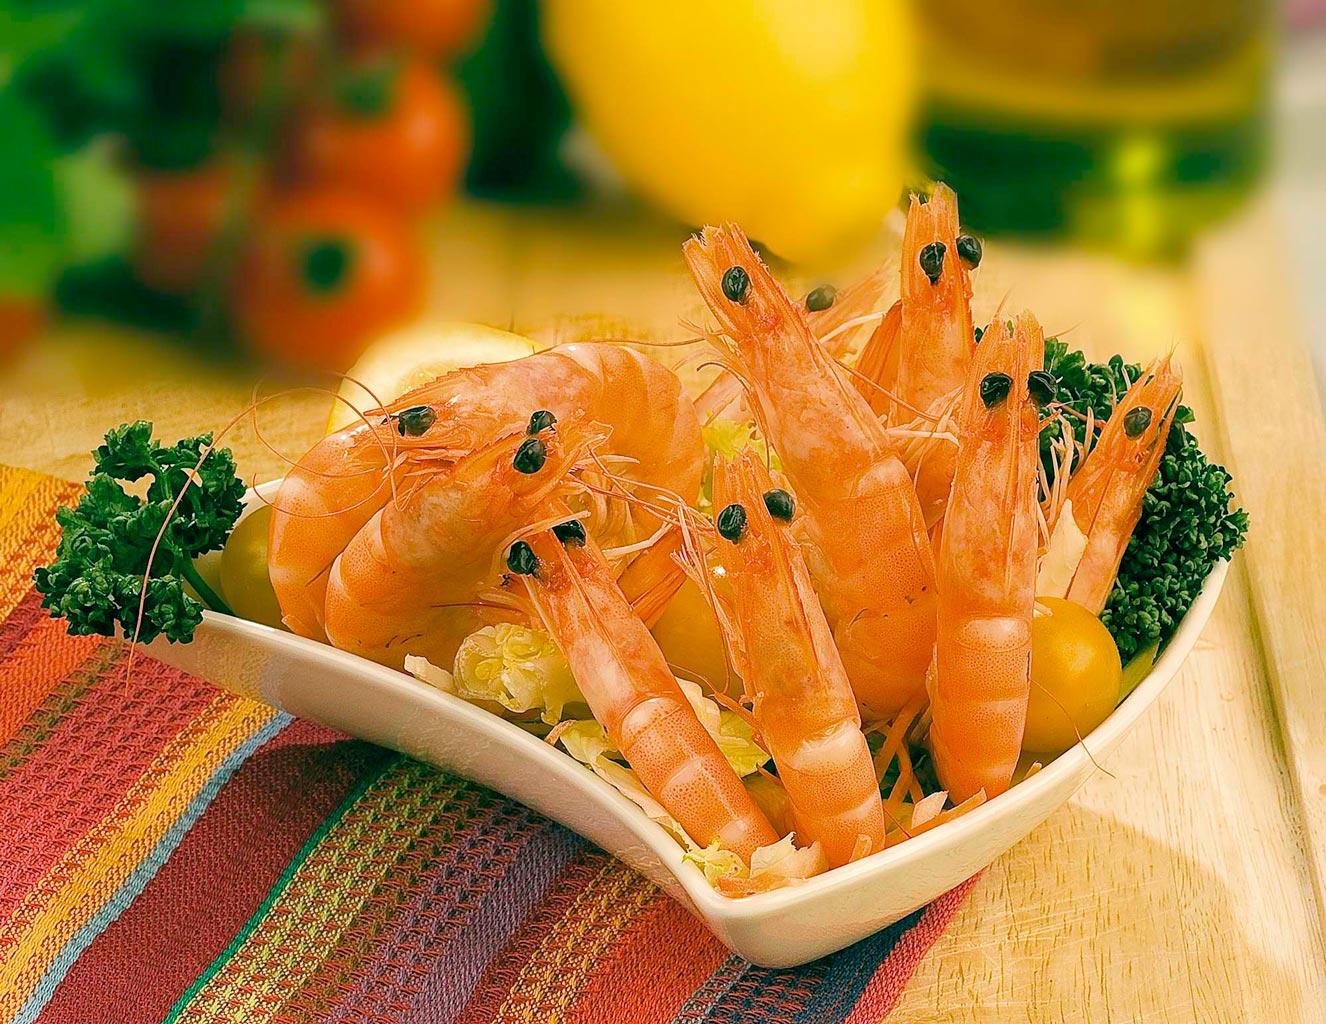 Crevettes Brésil